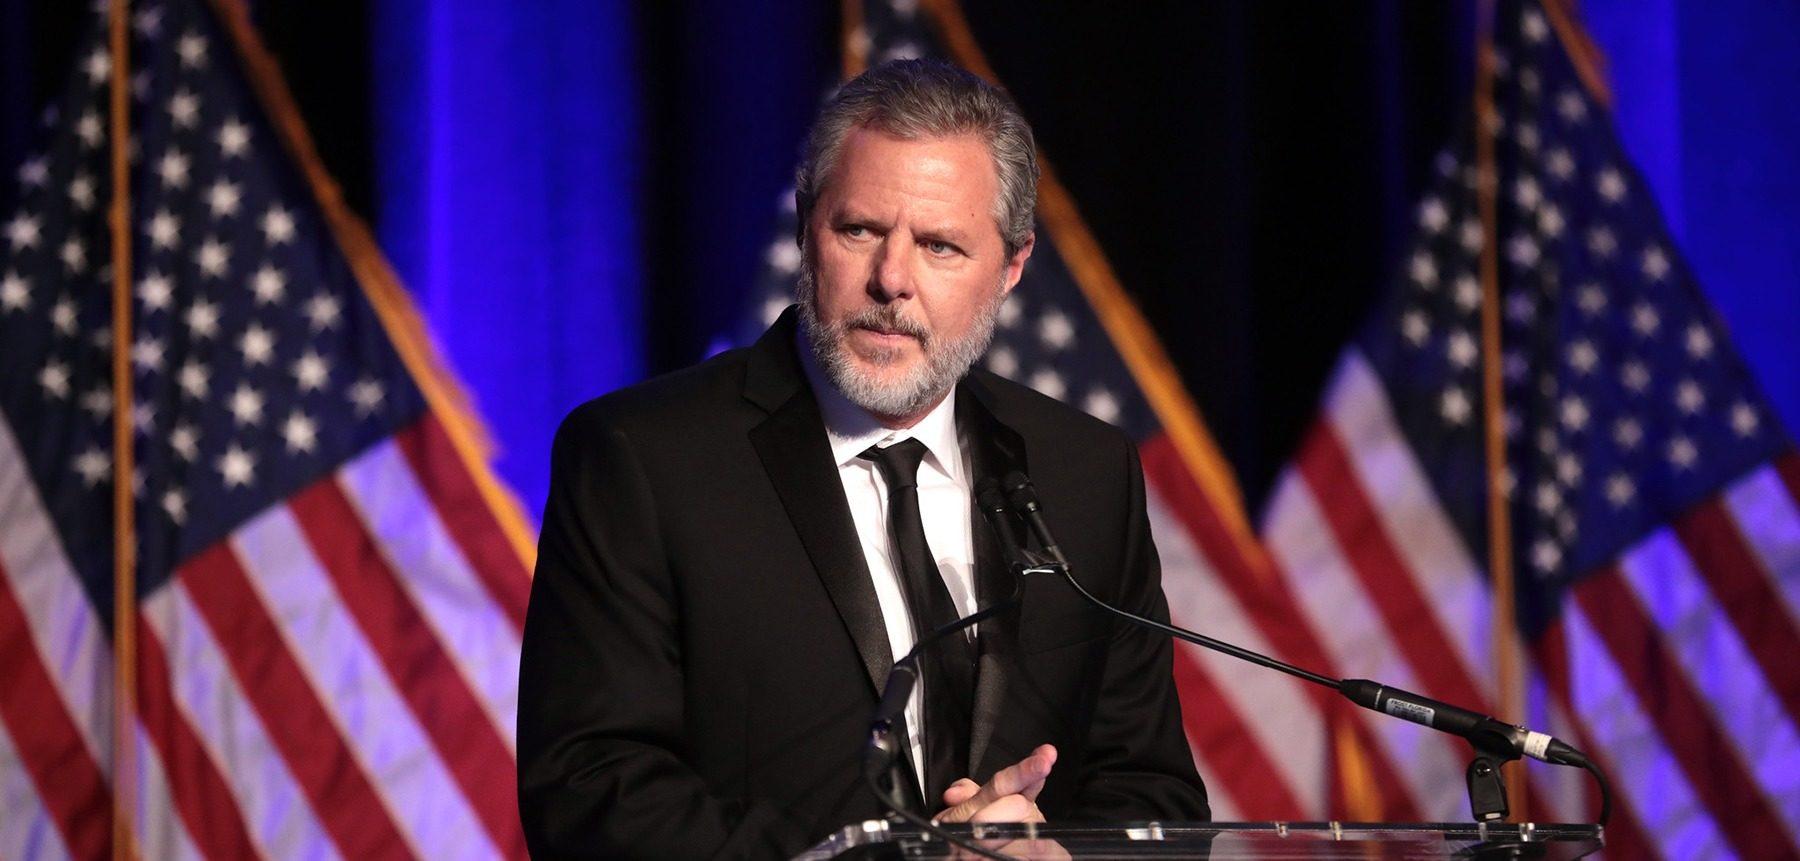 Etats-Unis : L'université chrétienne Liberty a accepté la démission de Jerry Falwell Jr, empêtré dans un scandale sexuel